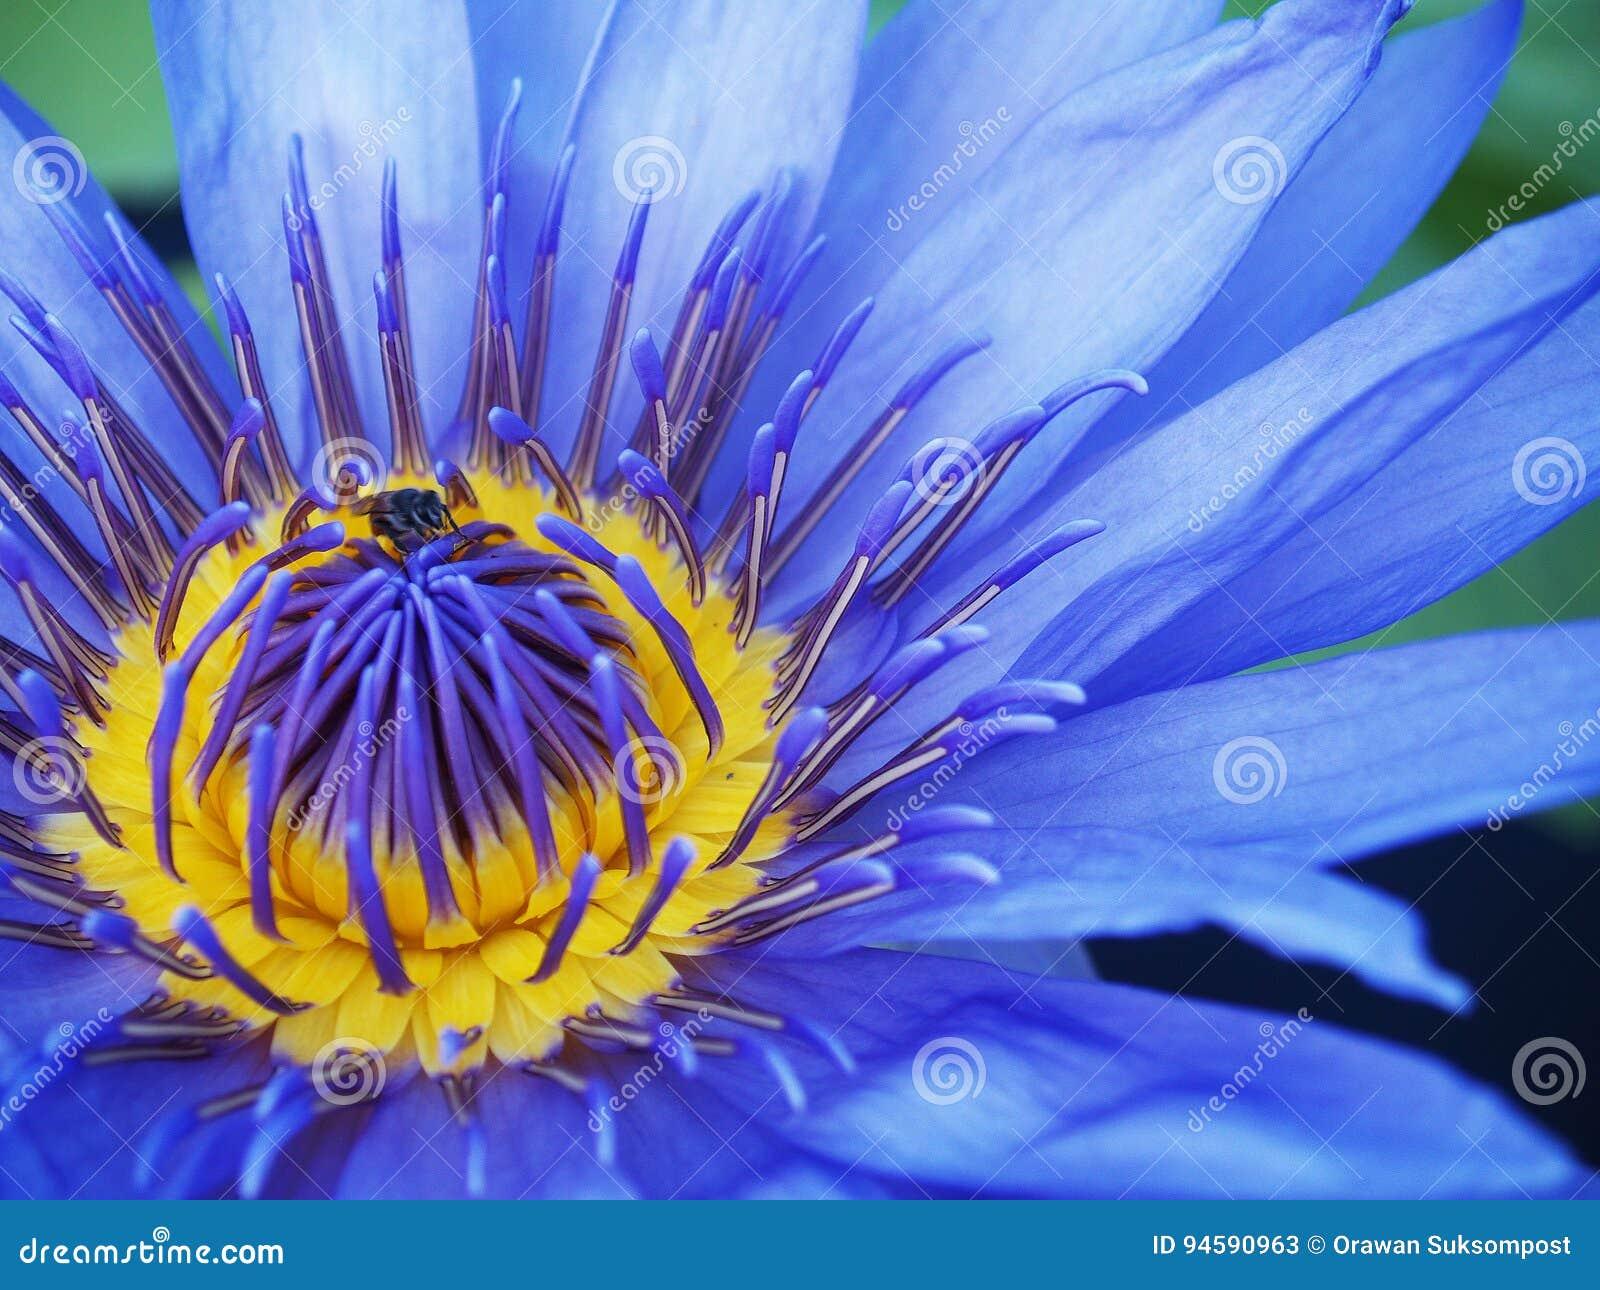 Fleur De Lotus Bleu De Floraison Image stock , Image du bleu